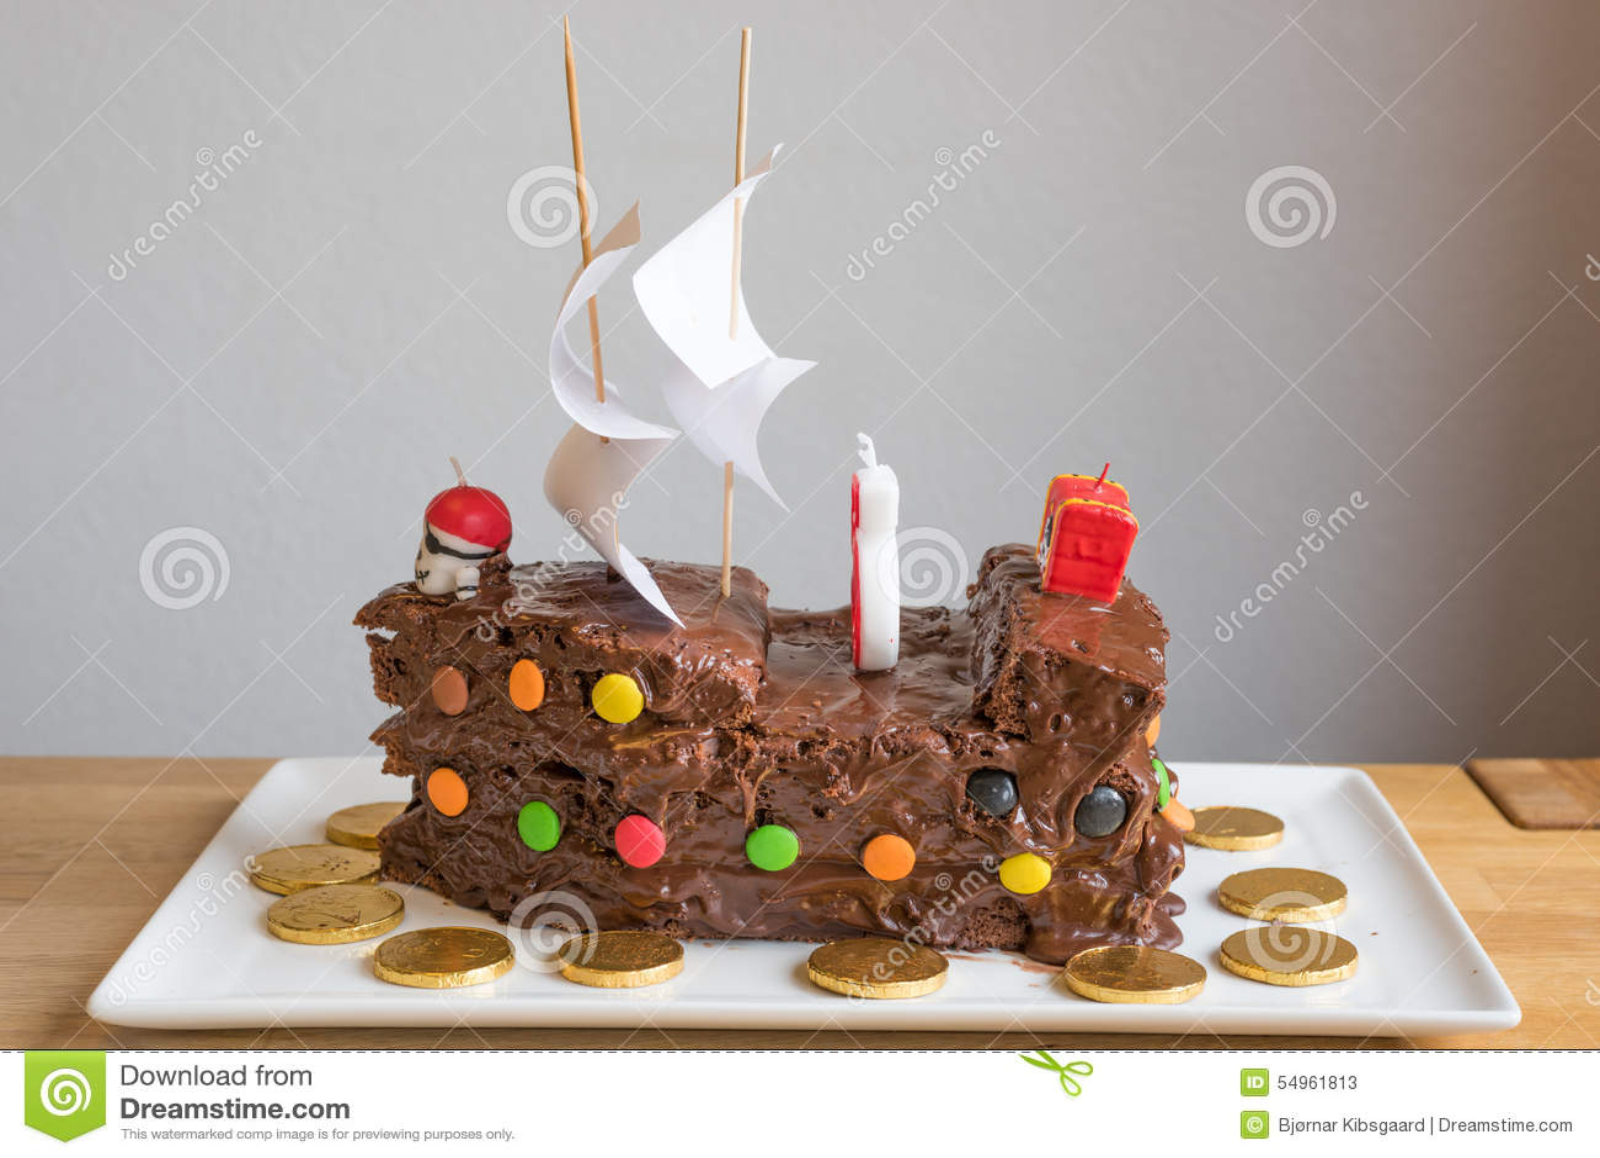 Piraten Schokoladen Kuchen Stockbild Bild Von Geburtstag 54961813